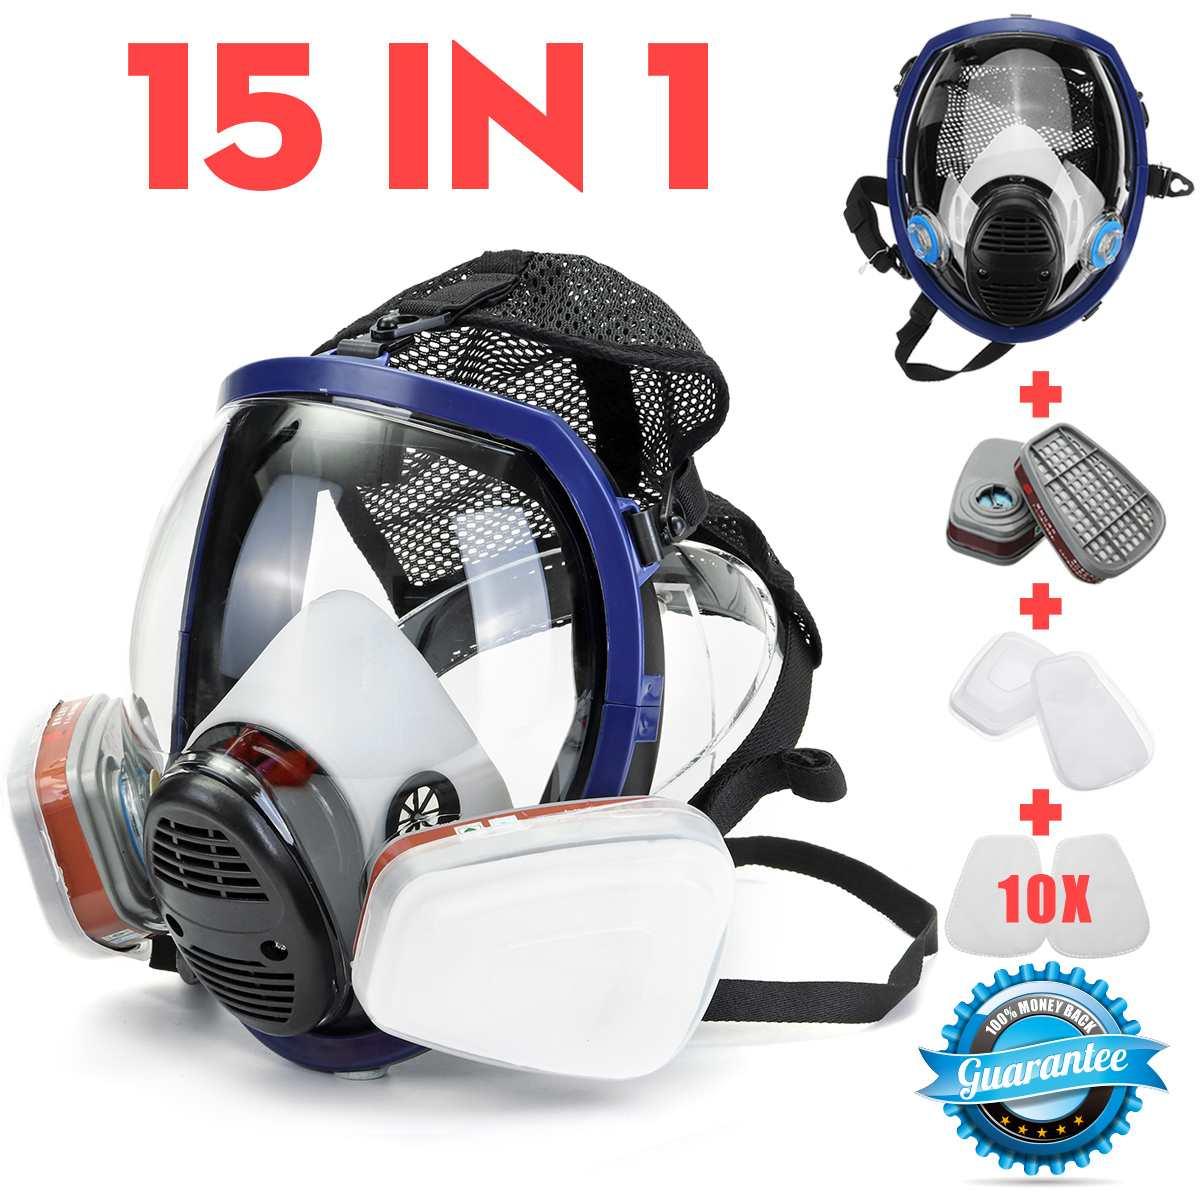 15 en 1 masque à gaz visage complet For-3M 6800 masque respiratoire peinture masque de pulvérisation masque de sécurité médicale de laboratoire chimique